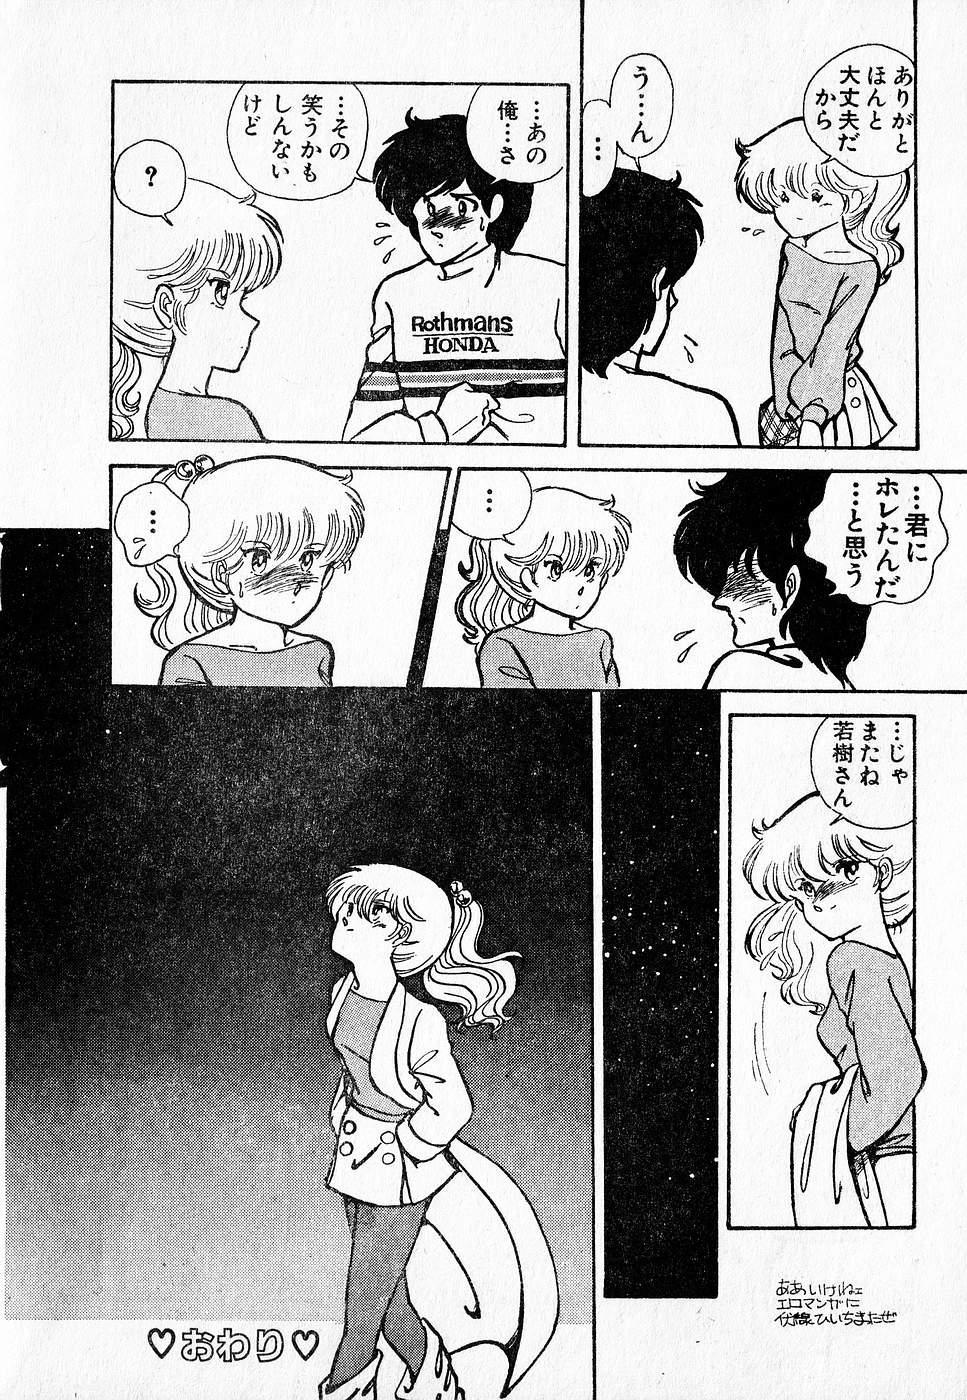 COMIC Lolipop 1985-10 Soukanjunbigou Aki 159